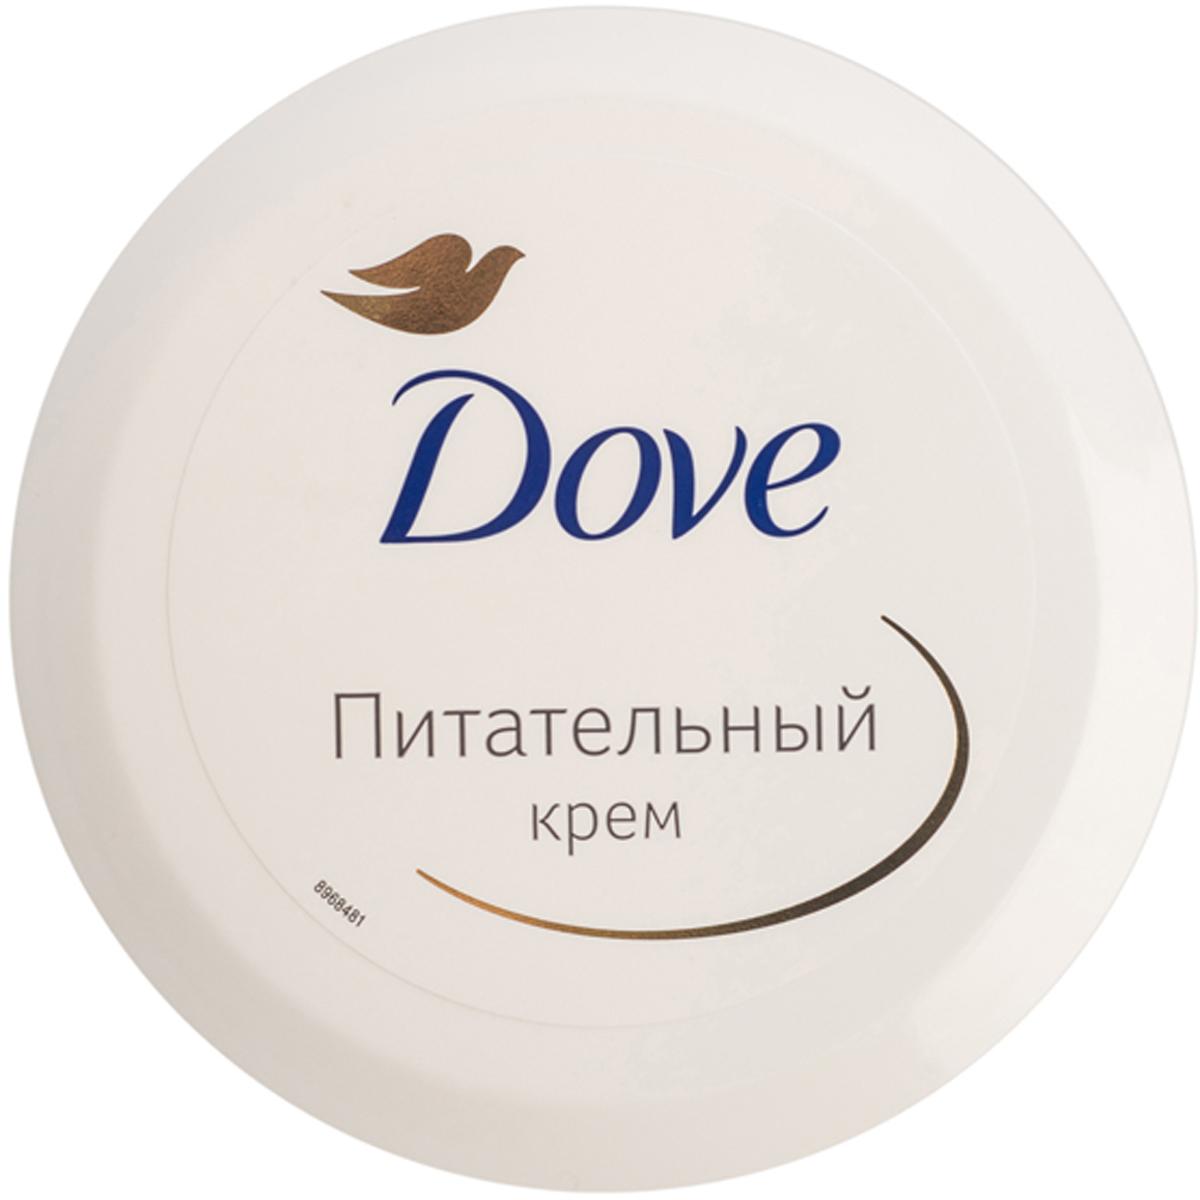 Dove Крем для тела Питательный 75 мл hercules щетка массажная большая 13 рядов